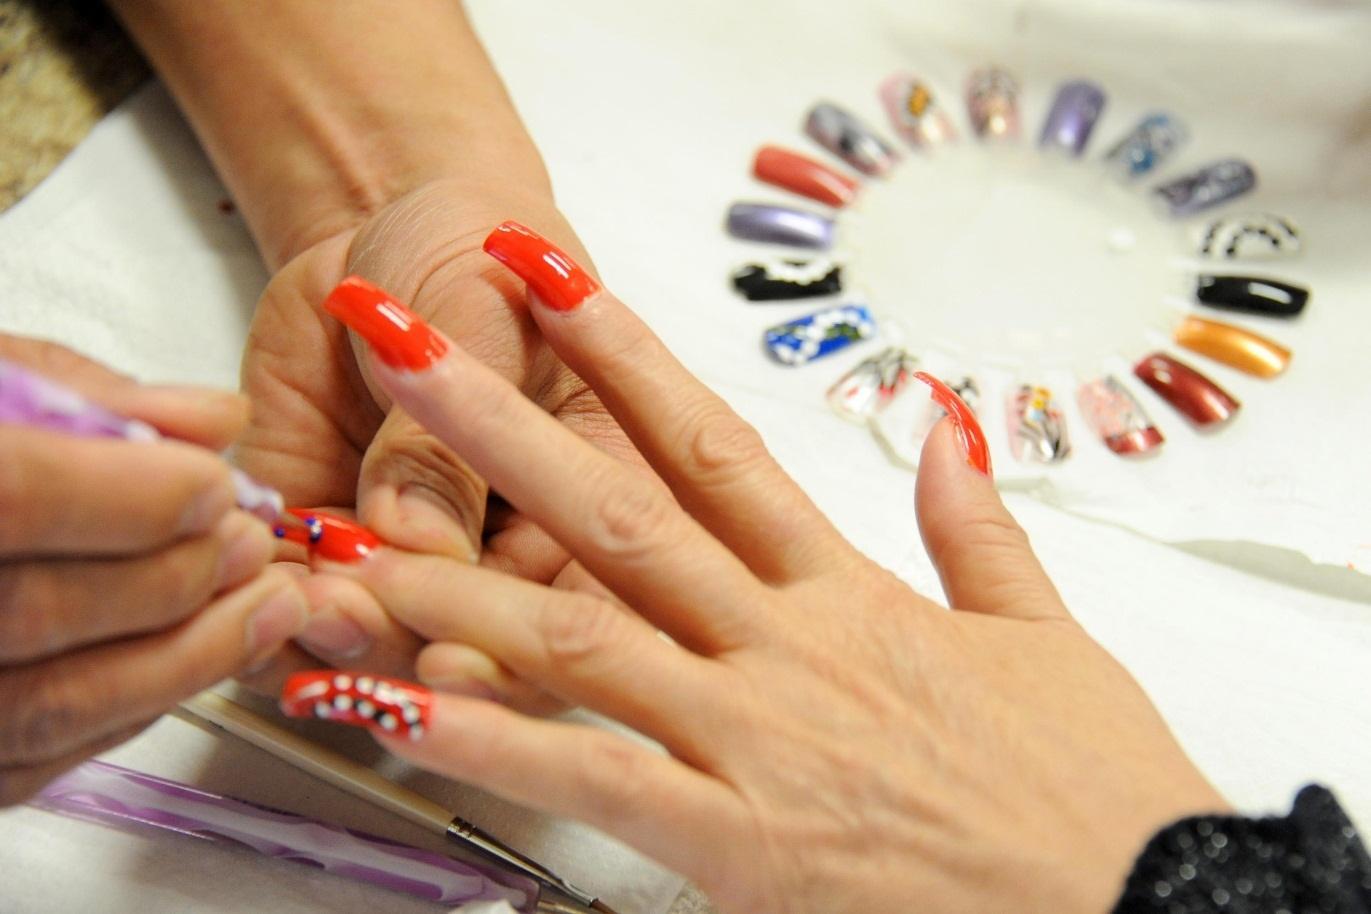 Tổng hợp từ vựng tiếng Anh chuyên ngành nail thông dụng